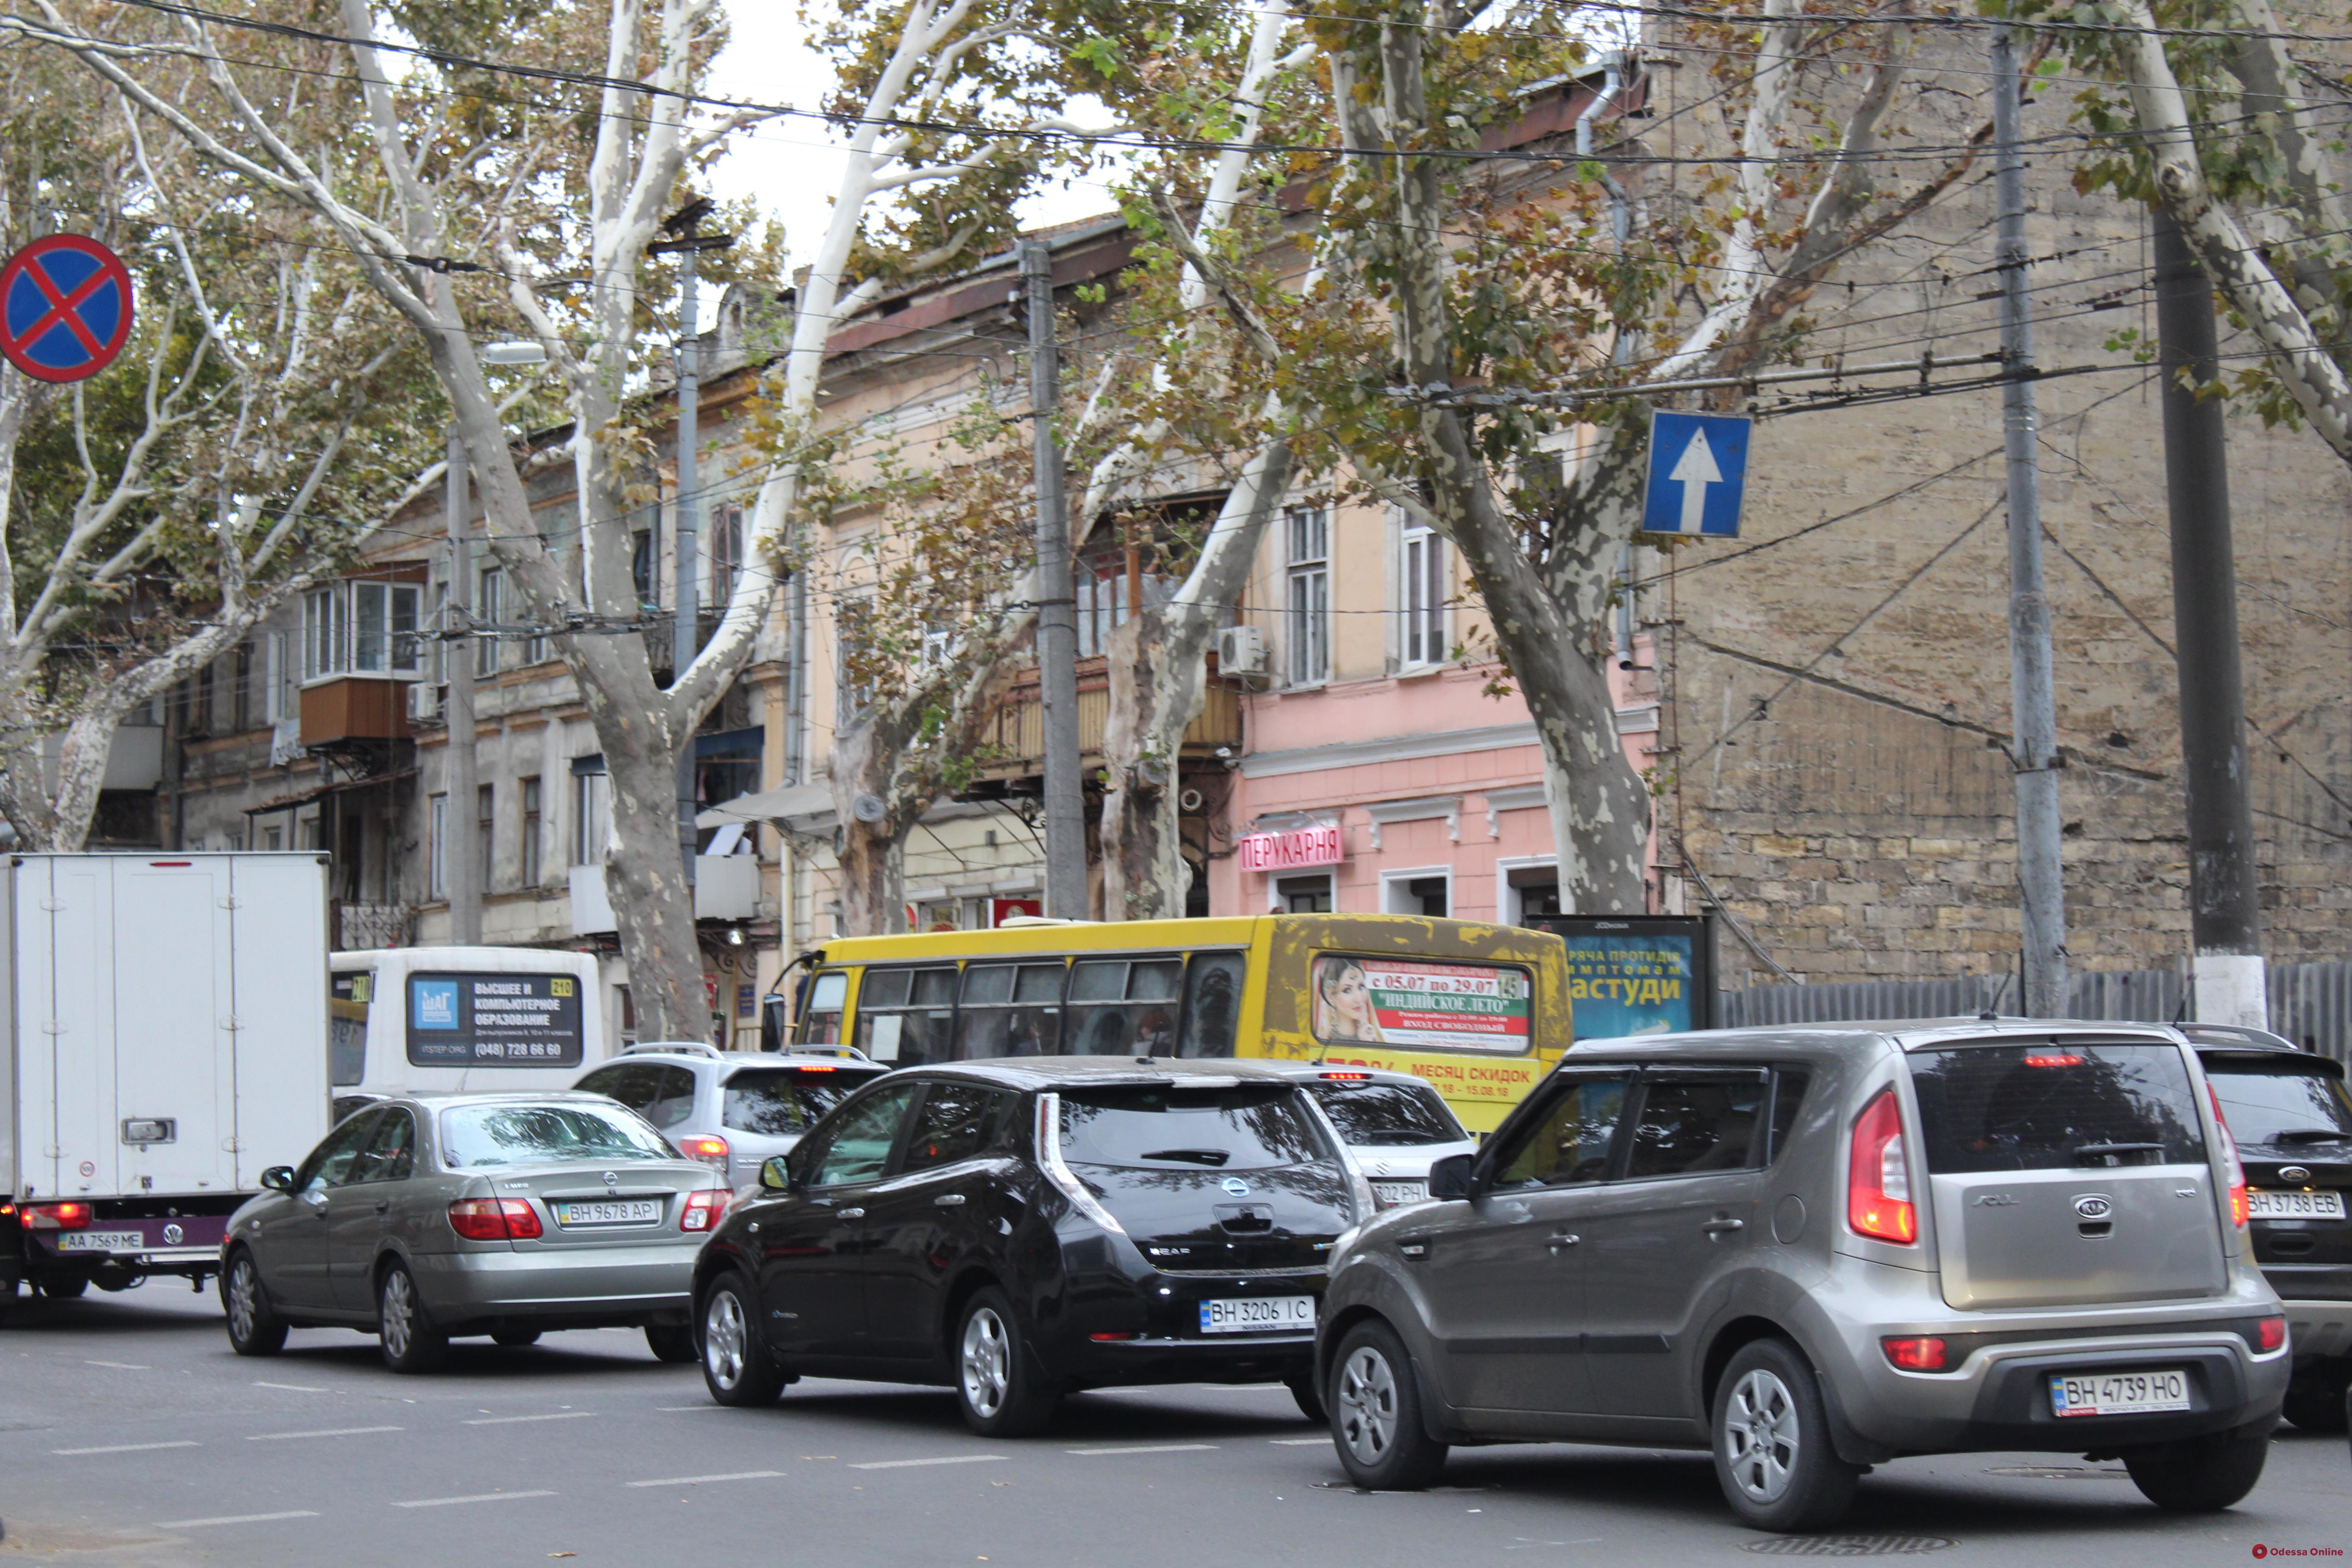 Дорожная обстановка в Одессе: куча пробок по всему городу